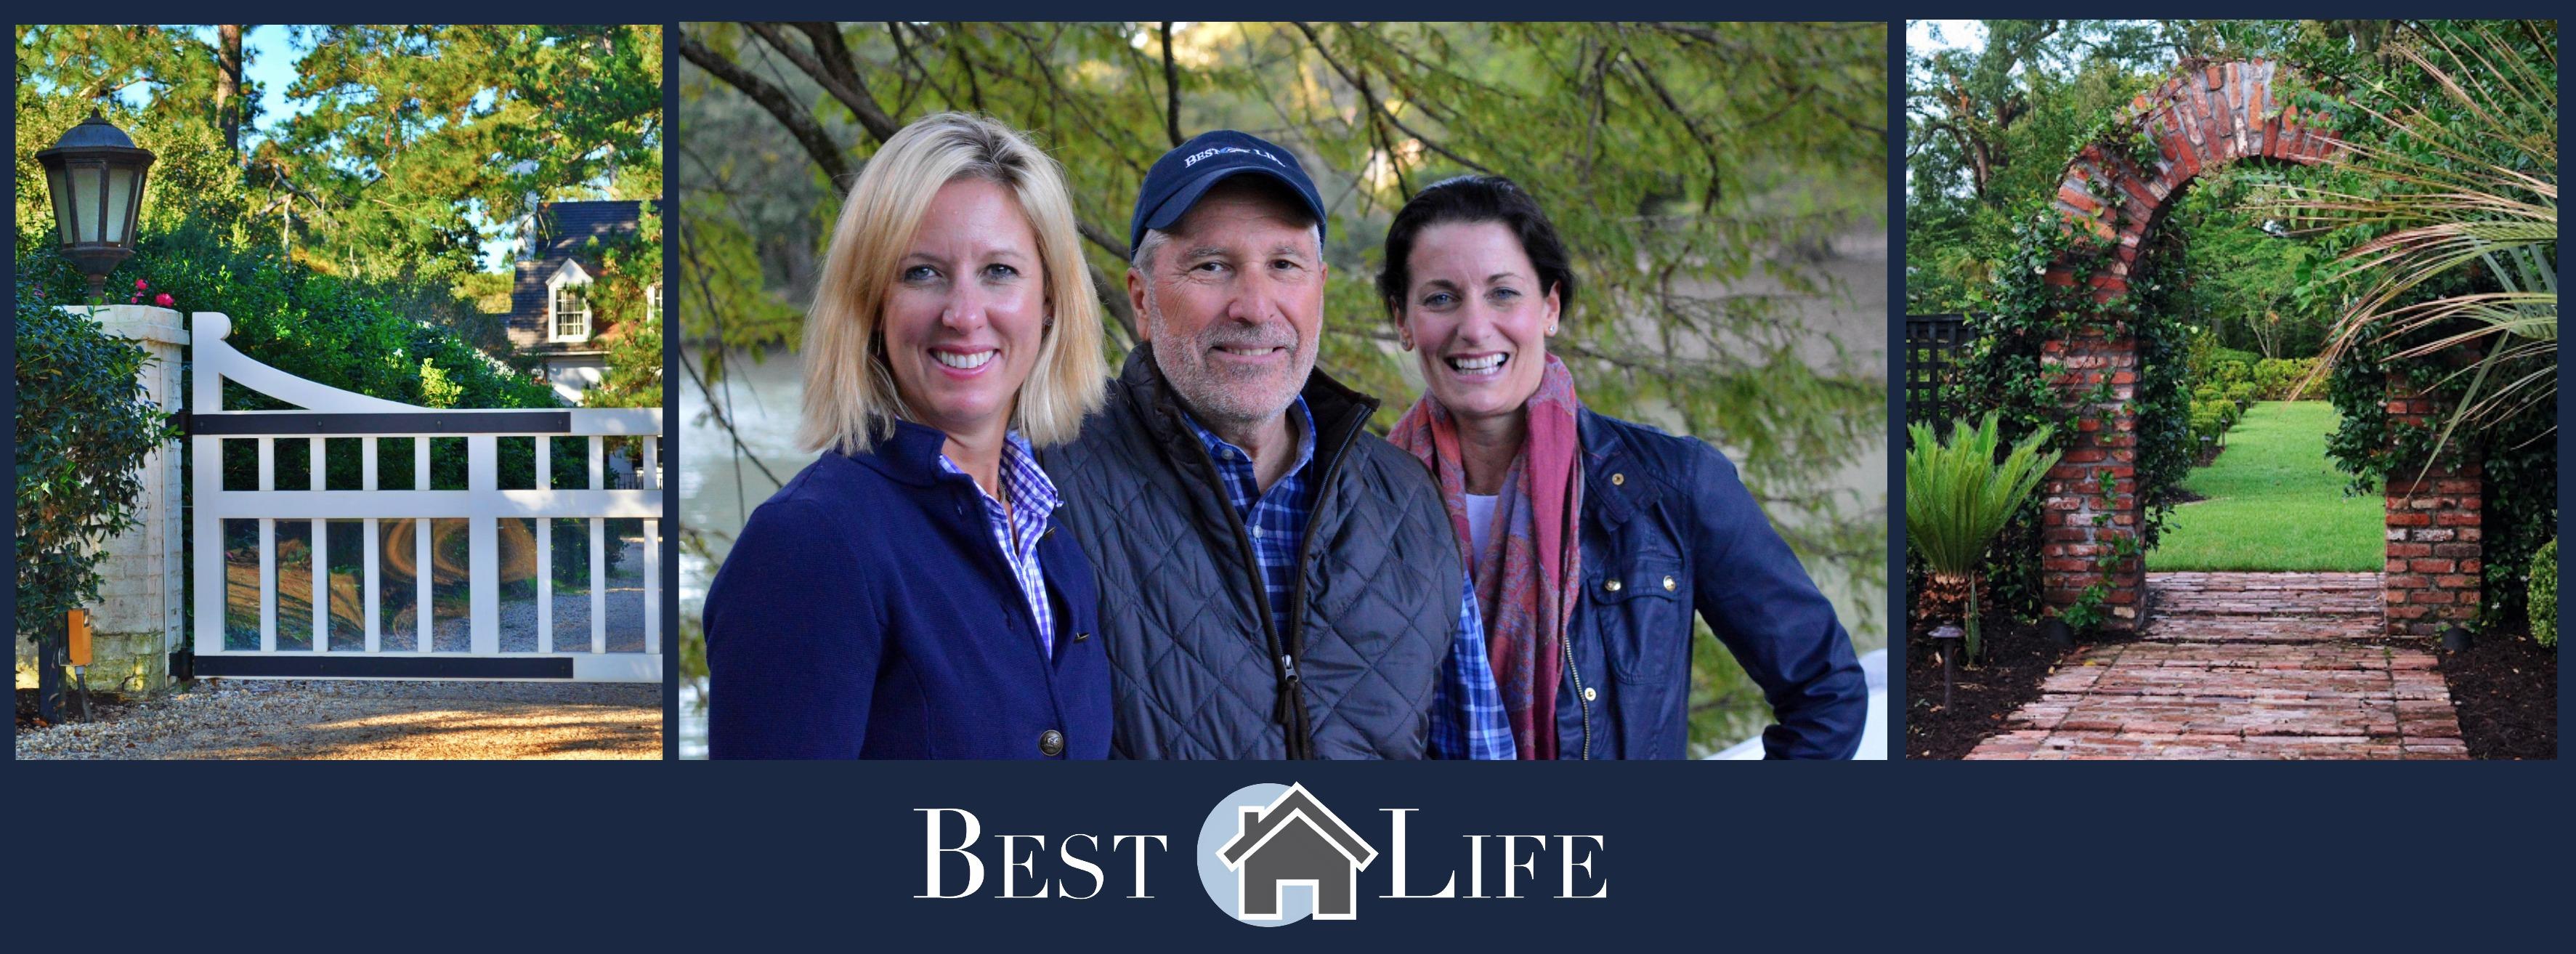 The Best Life Real Estate Team Aiken, SC